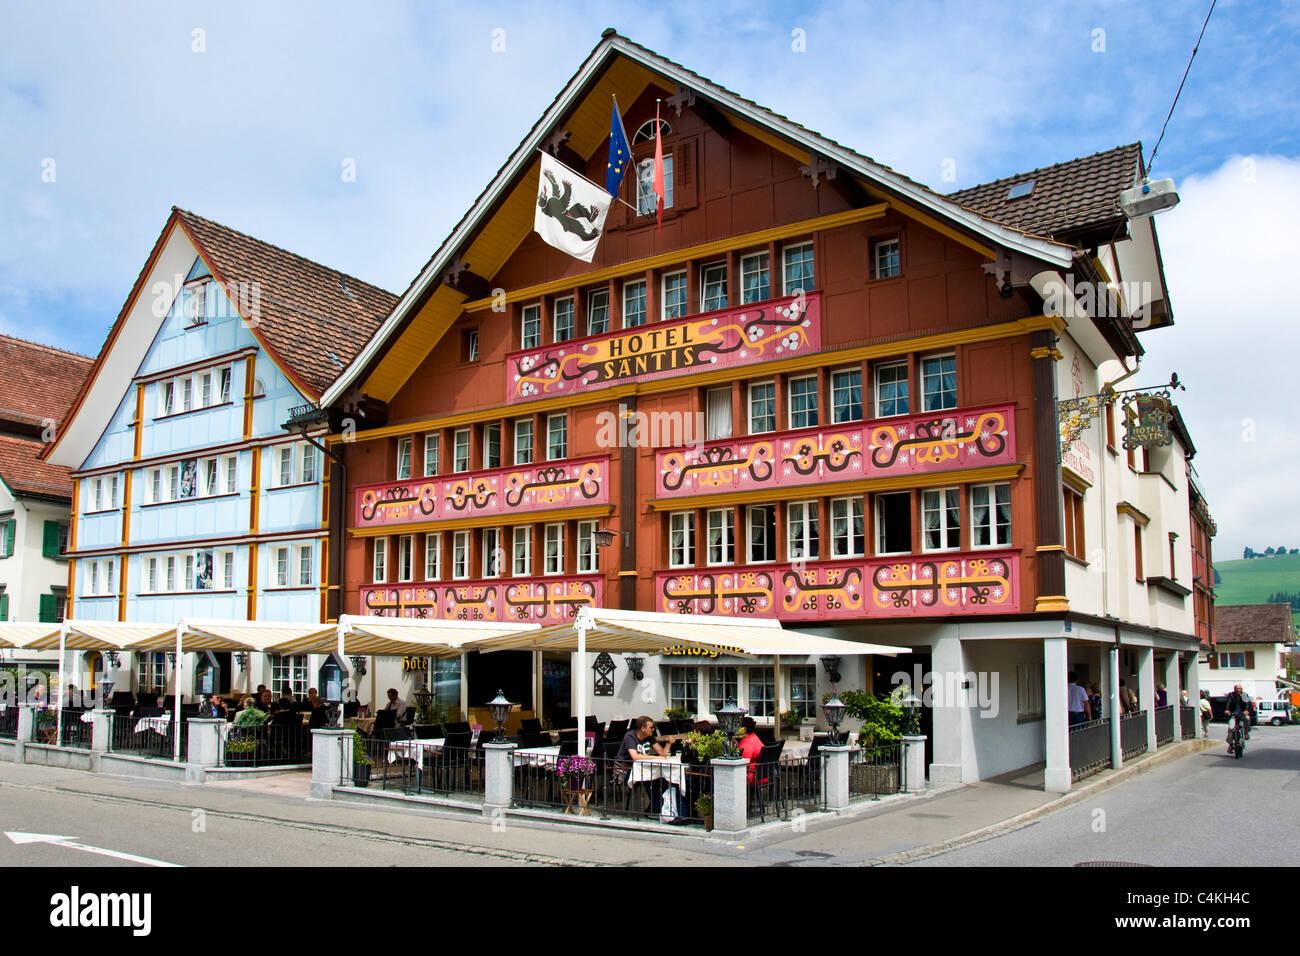 Hotel Santis Landsgemeinde Platz Appenzell Switzerland